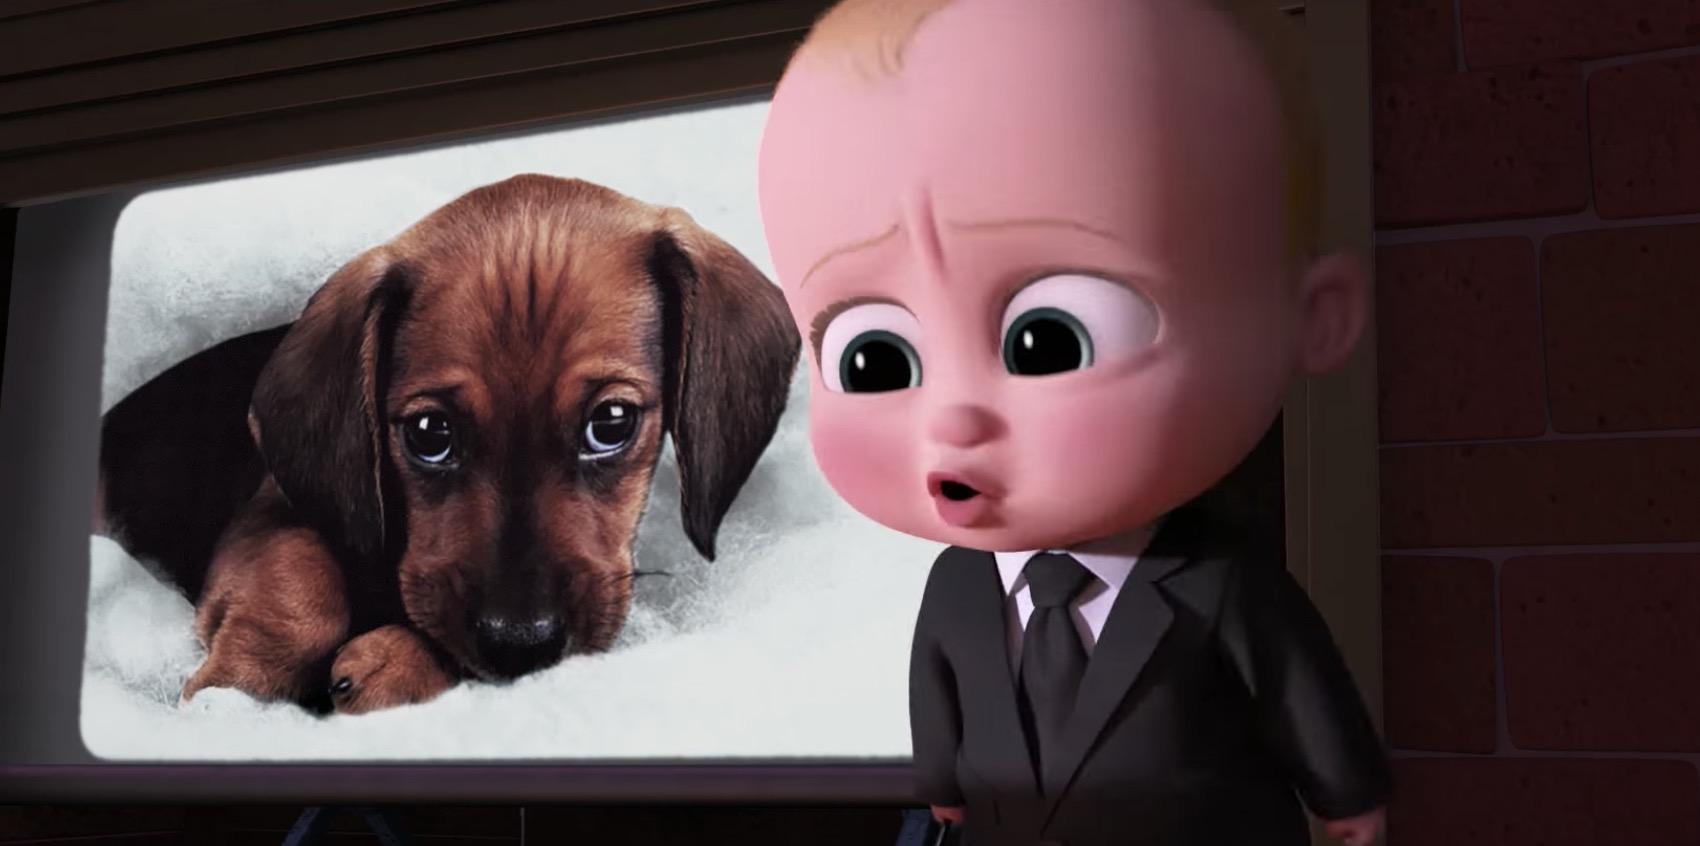 『ボス・ベイビー』だけに非ず!赤ちゃんが活躍するアニメーション映画5選!